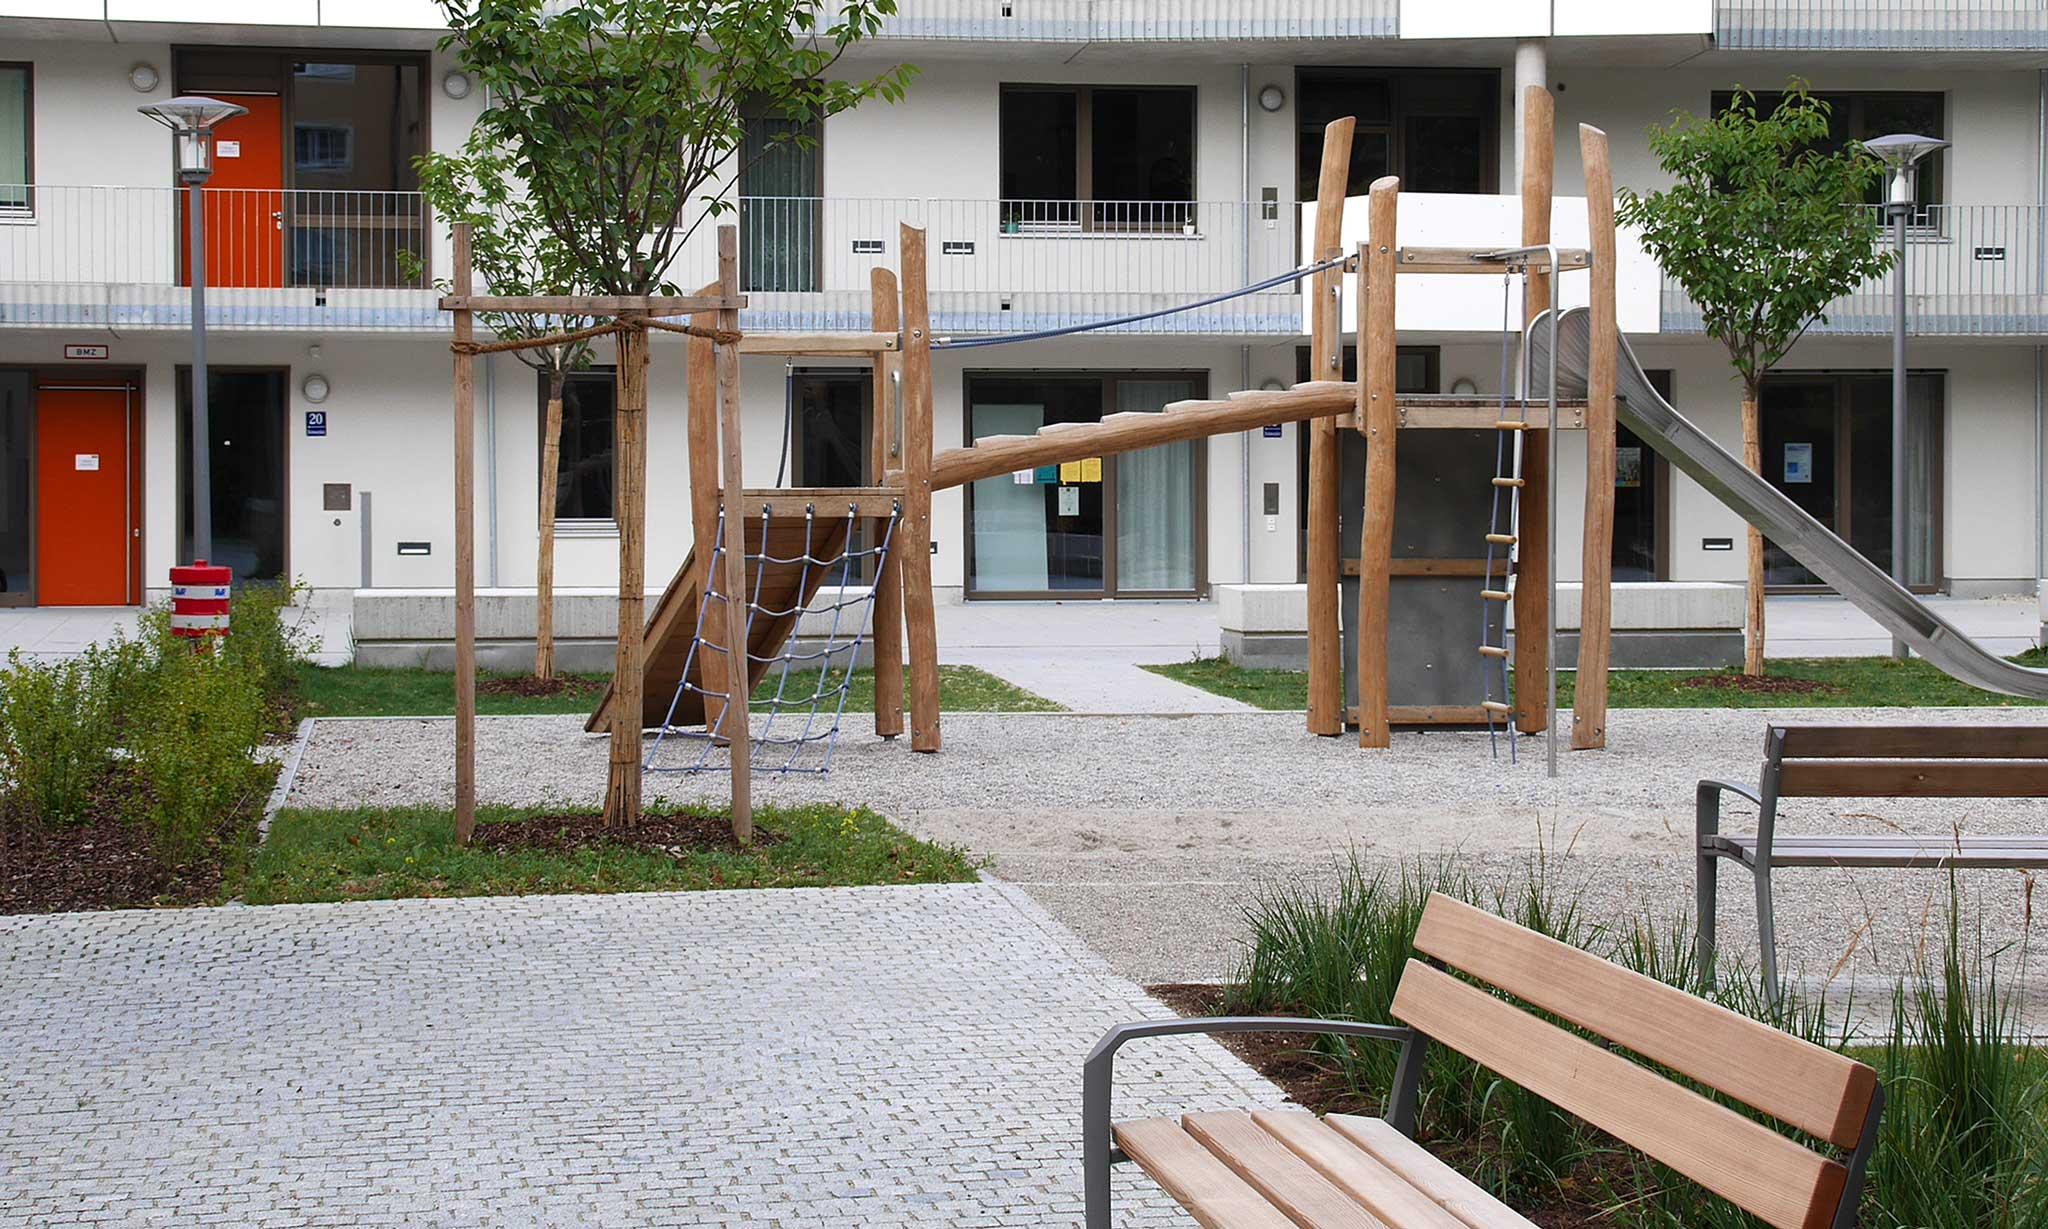 Wilhelmine-Lübke-Haus Landschaftsarchitektur Spielplatz